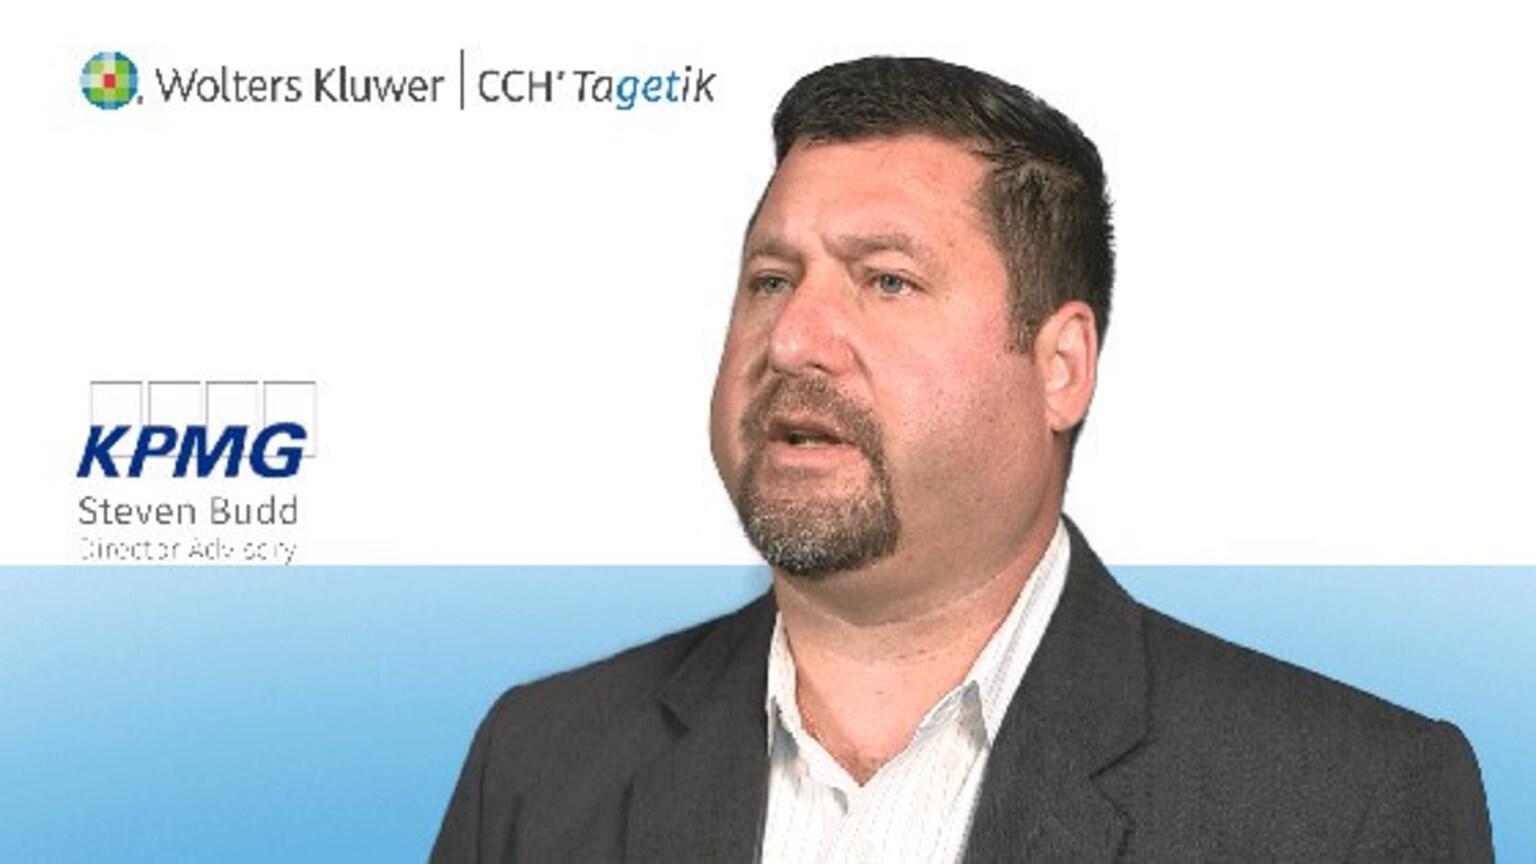 Partner KPMG Steven Budd video